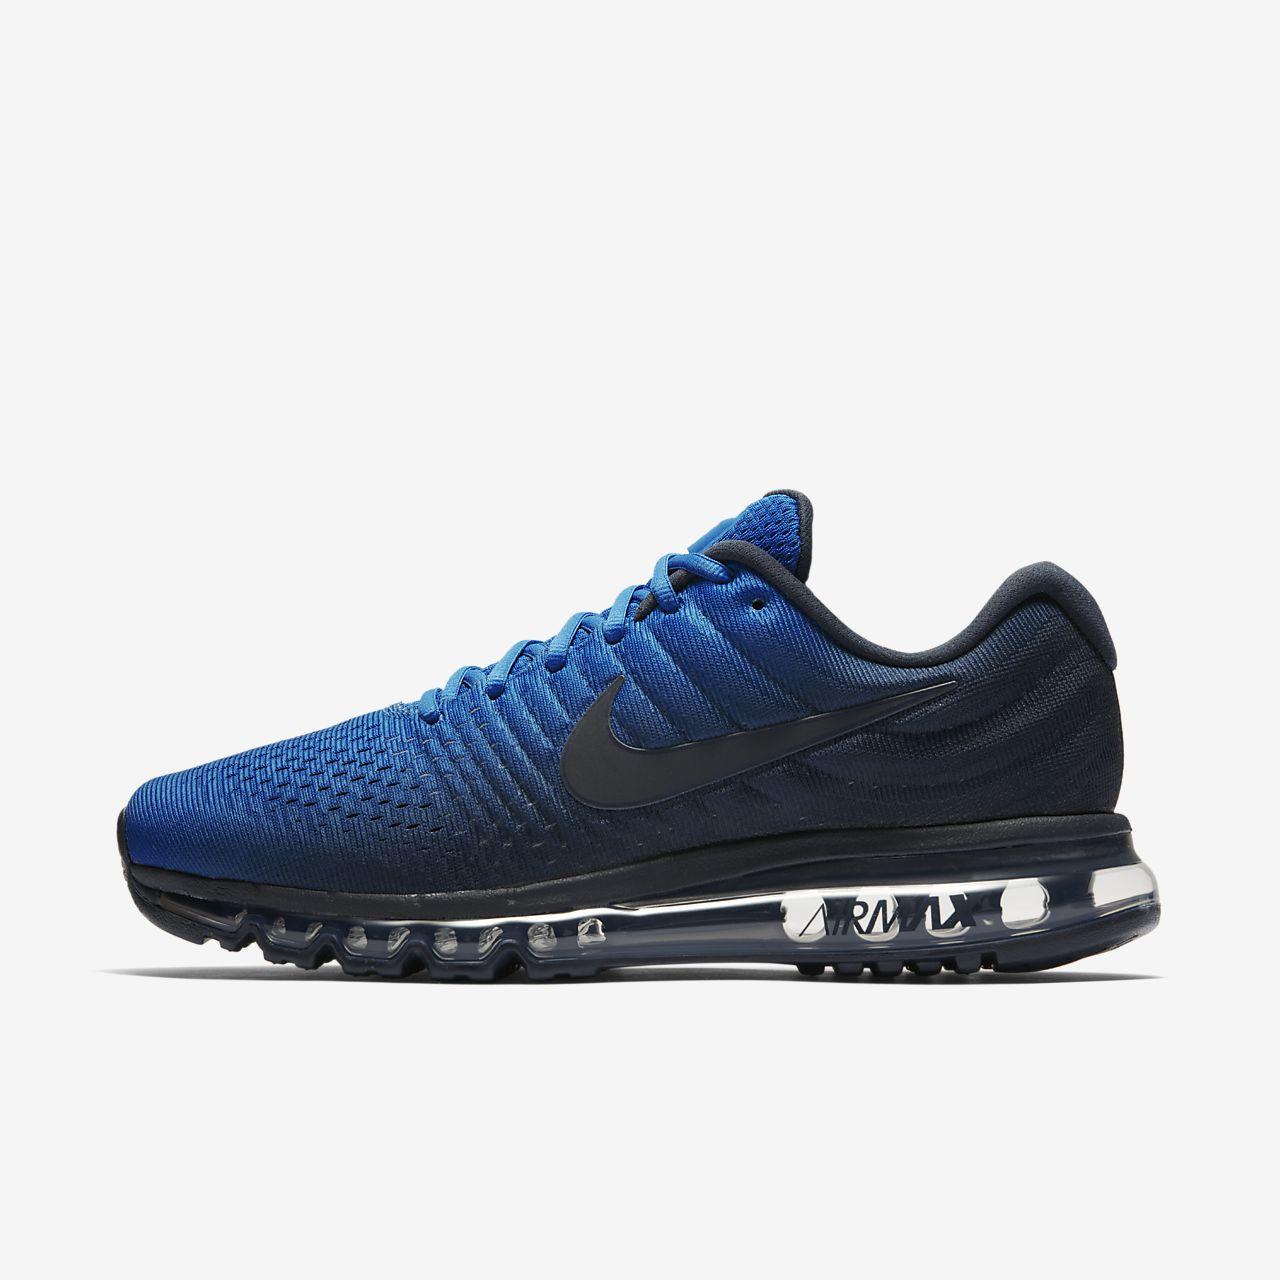 Löparsko Nike Air Max 2017 för män